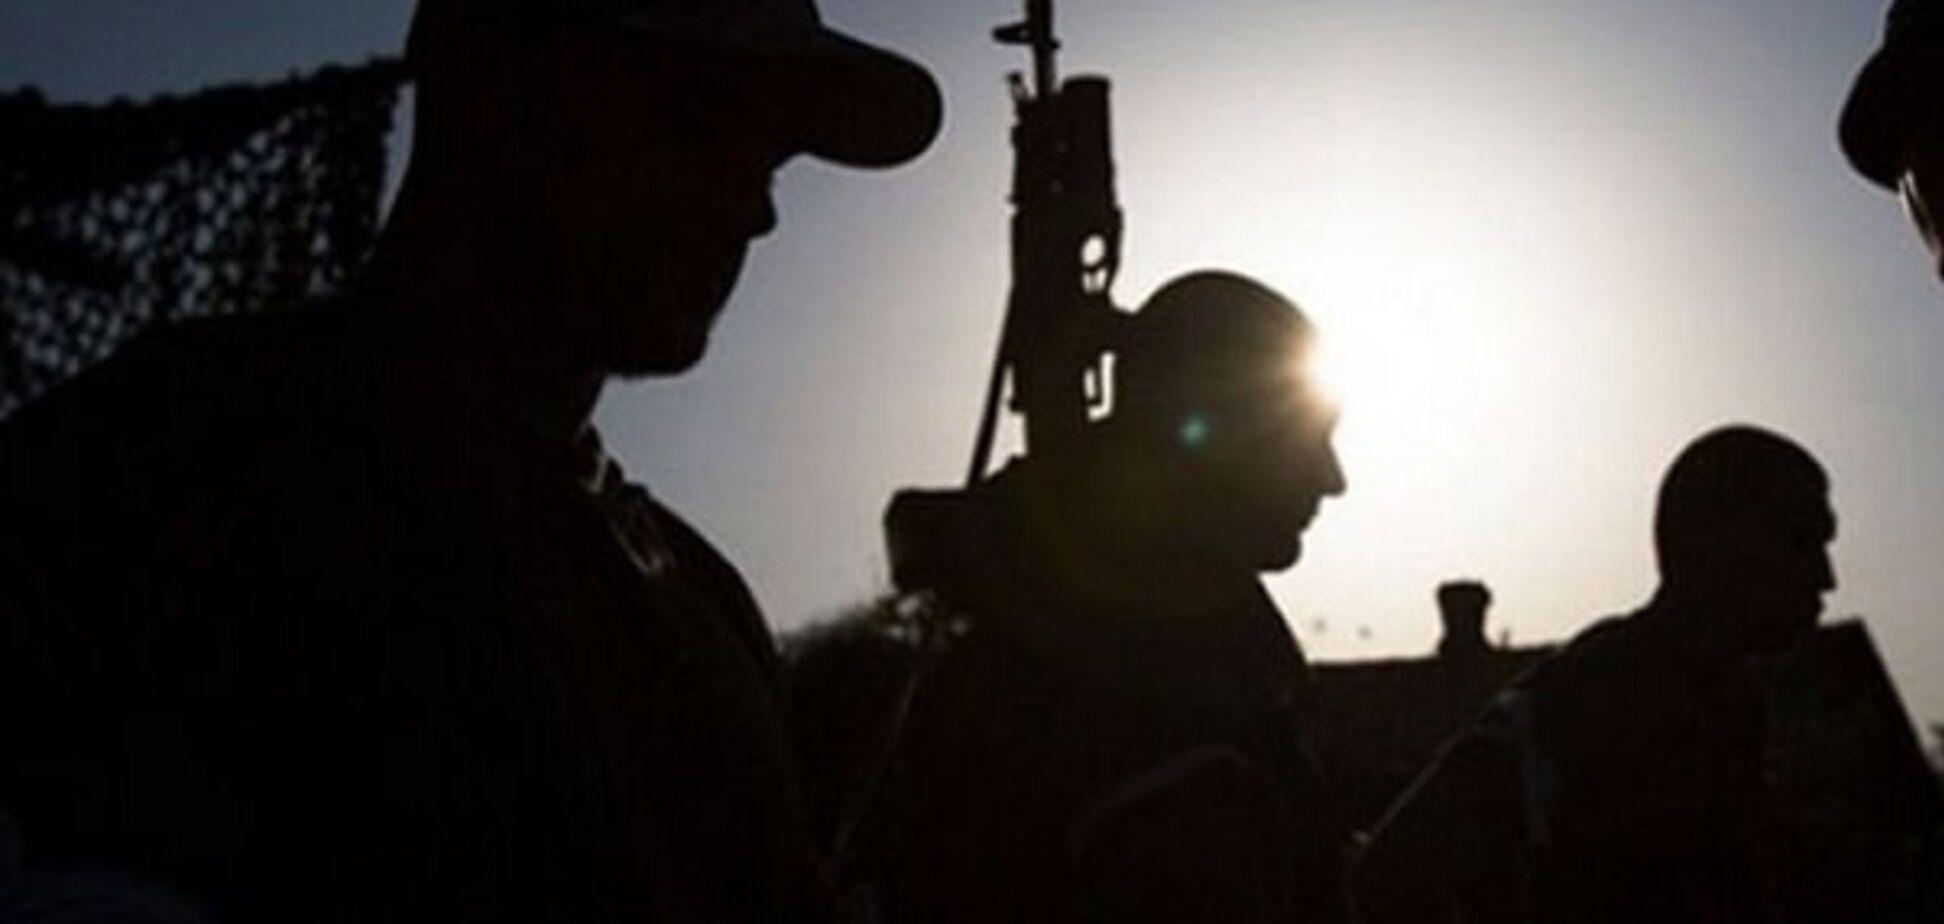 Появились из ниоткуда и исчезли в никуда: как воюет 'третья сила' на Донбассе